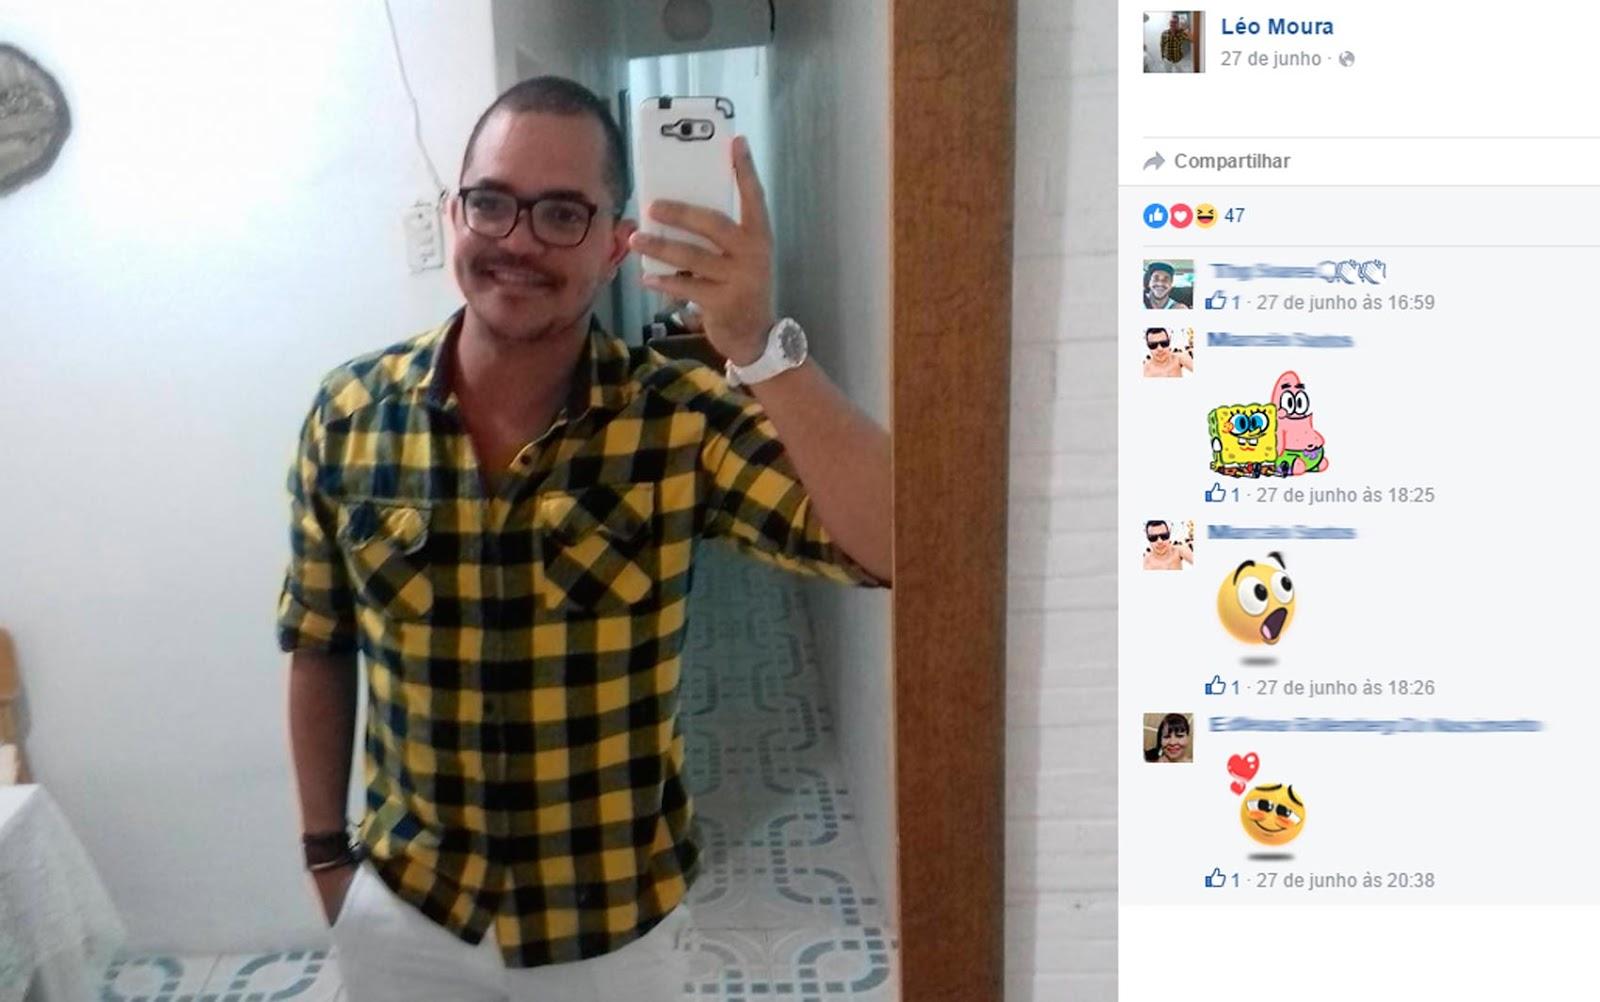 Rapaz morre após ser espancado ao sair de boate LGBT na BA vítim de homofobia